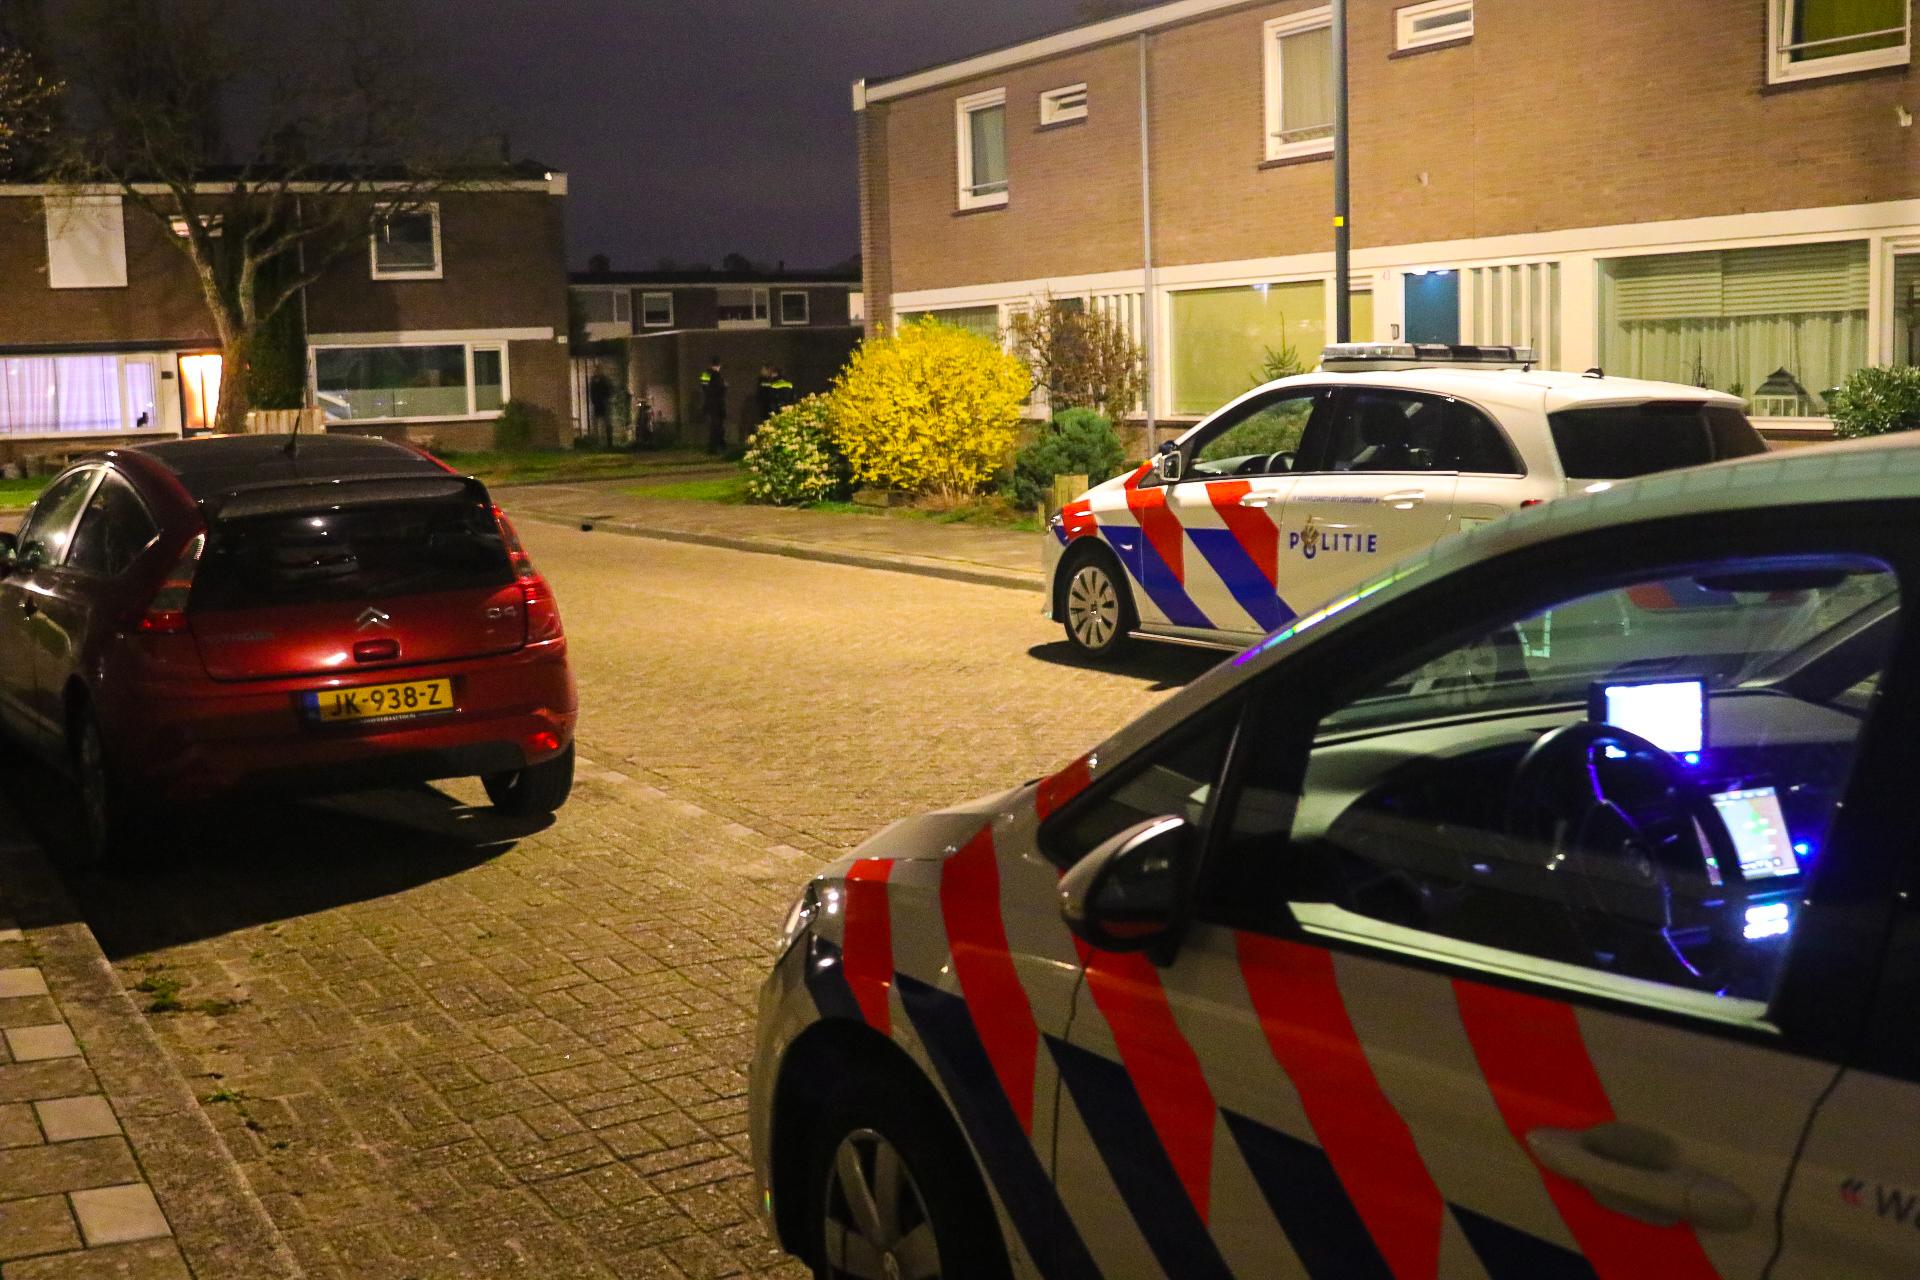 Lichaam aangetroffen in woning; Politie doet onderzoek